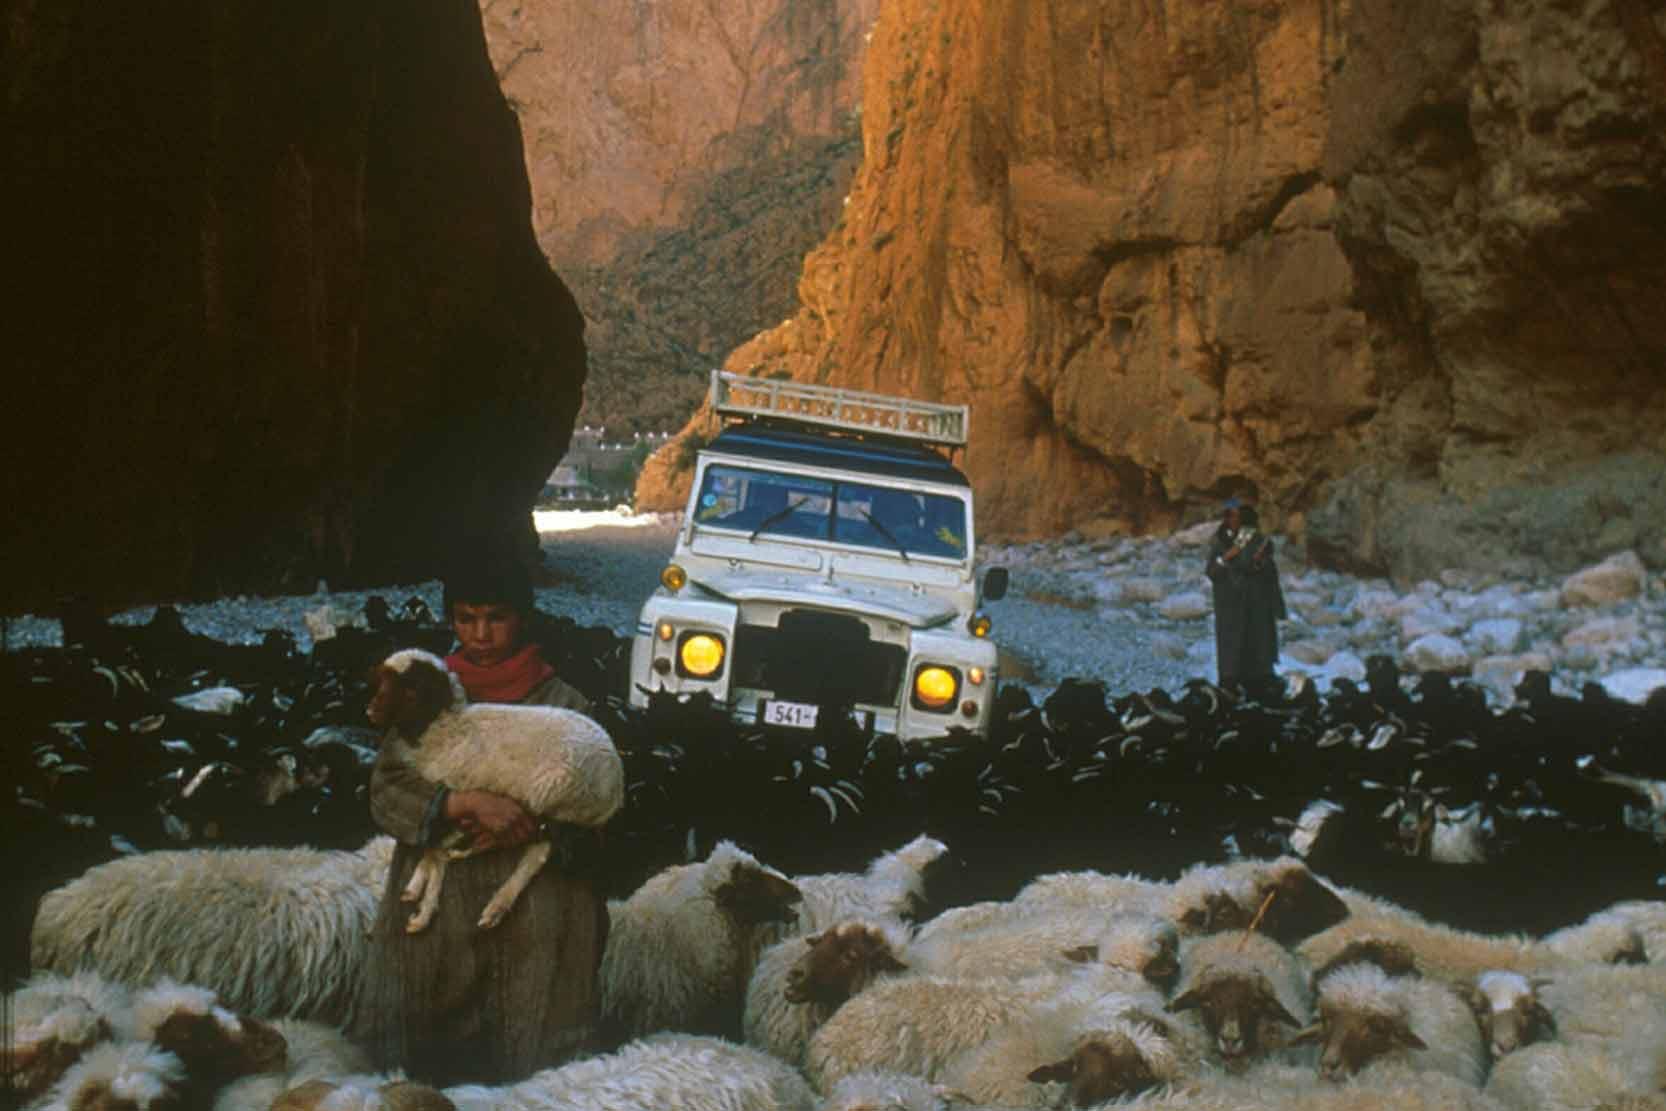 Le Land Rover Defender passe, la où le Touareg s'arrête